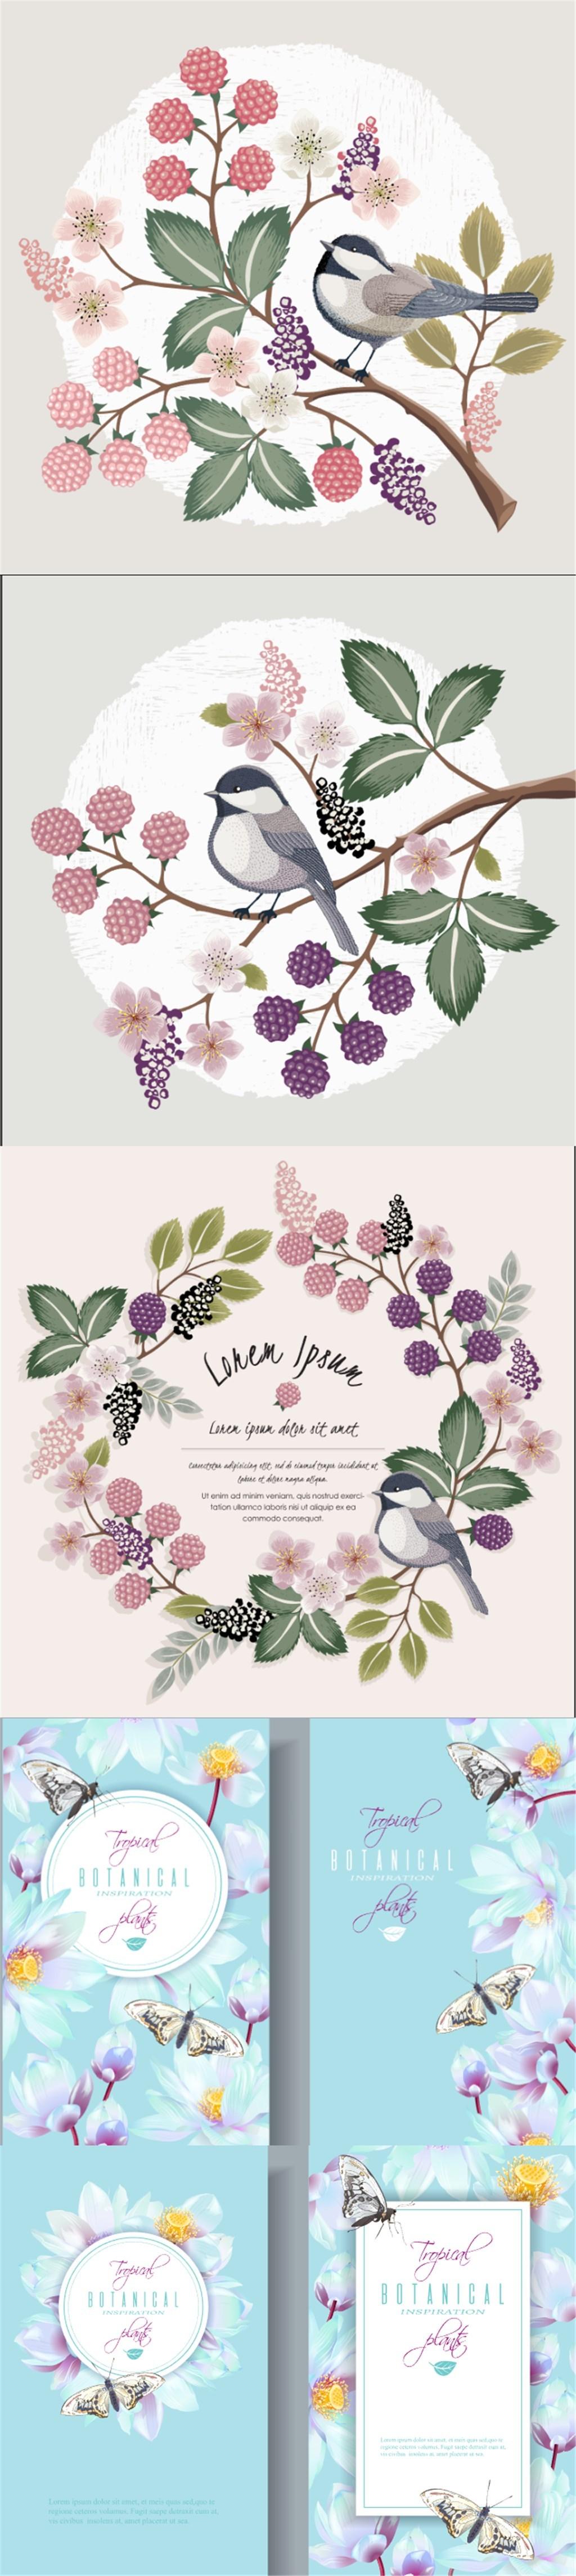 手绘花鸟植物花卉装饰图案图片设计素材_高清eps模板